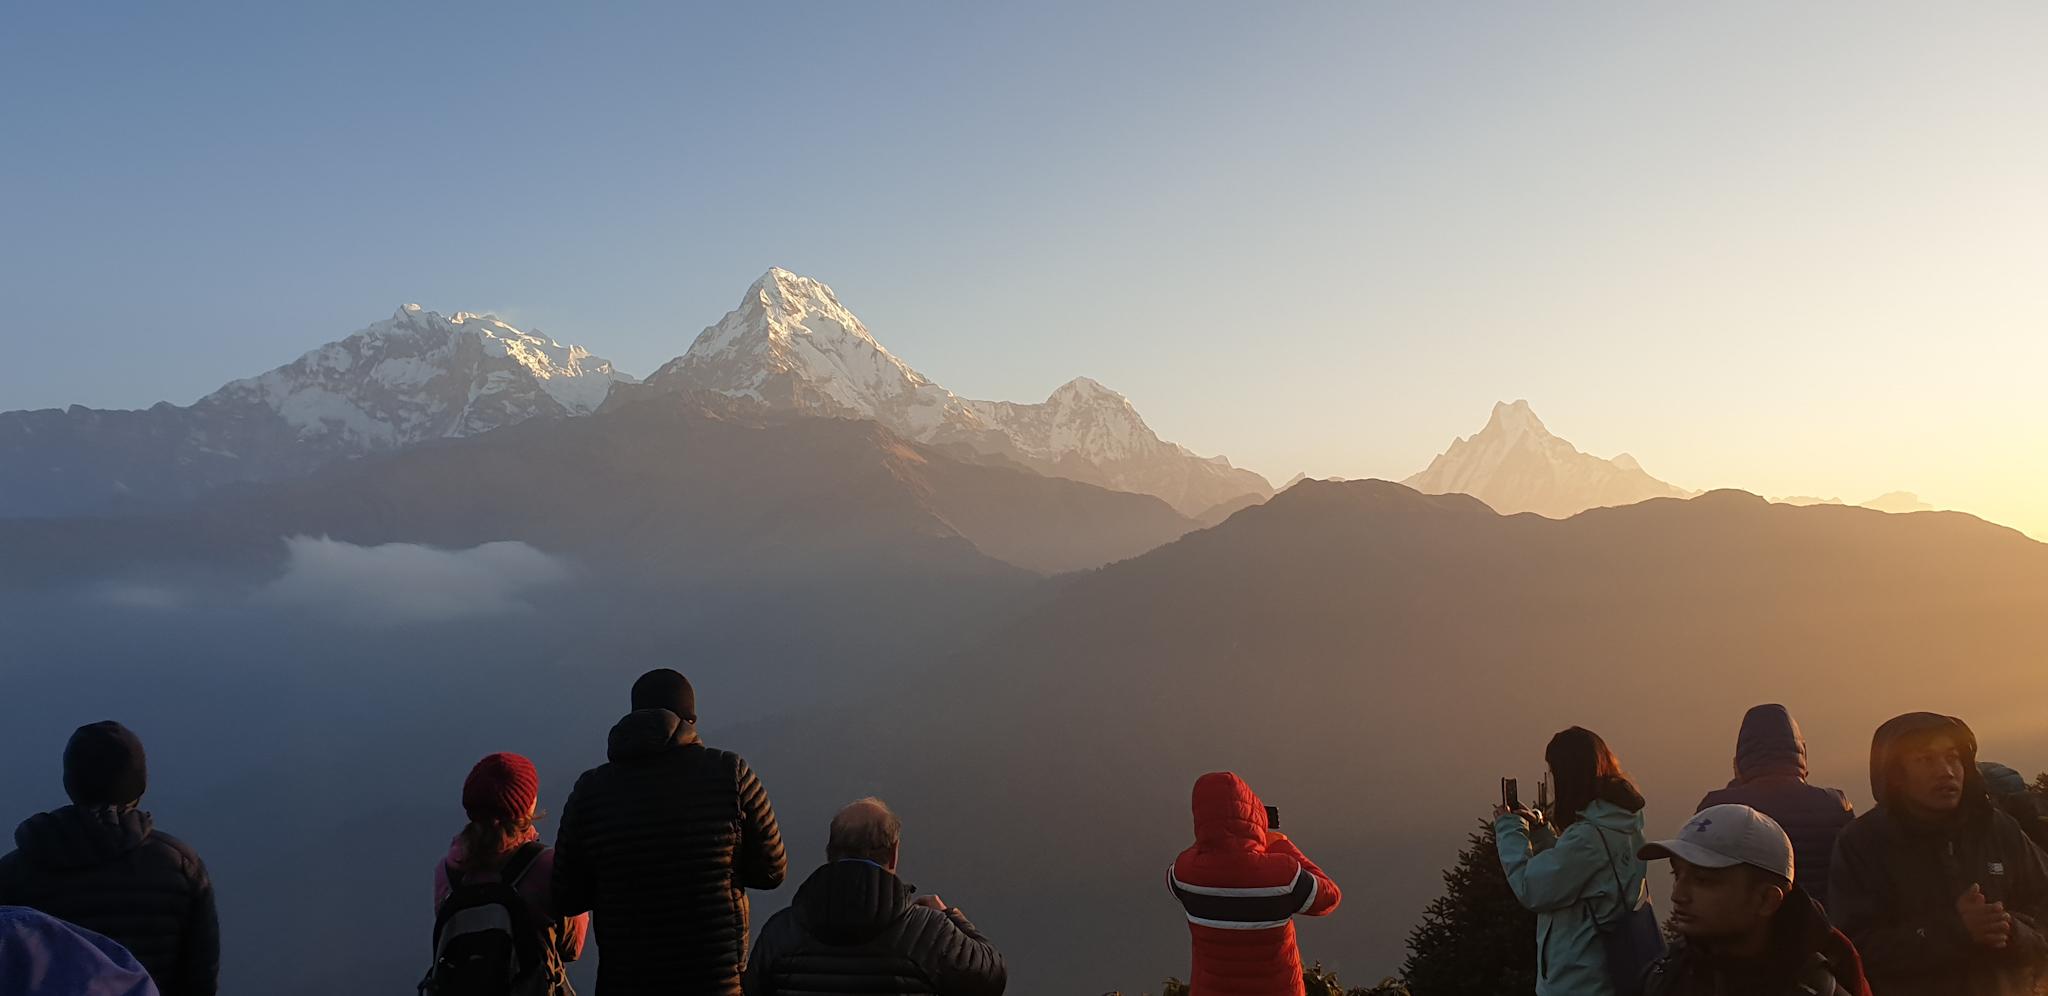 Nepal – Kathmandu vs Pokhara for non-hikers (5 minute read)